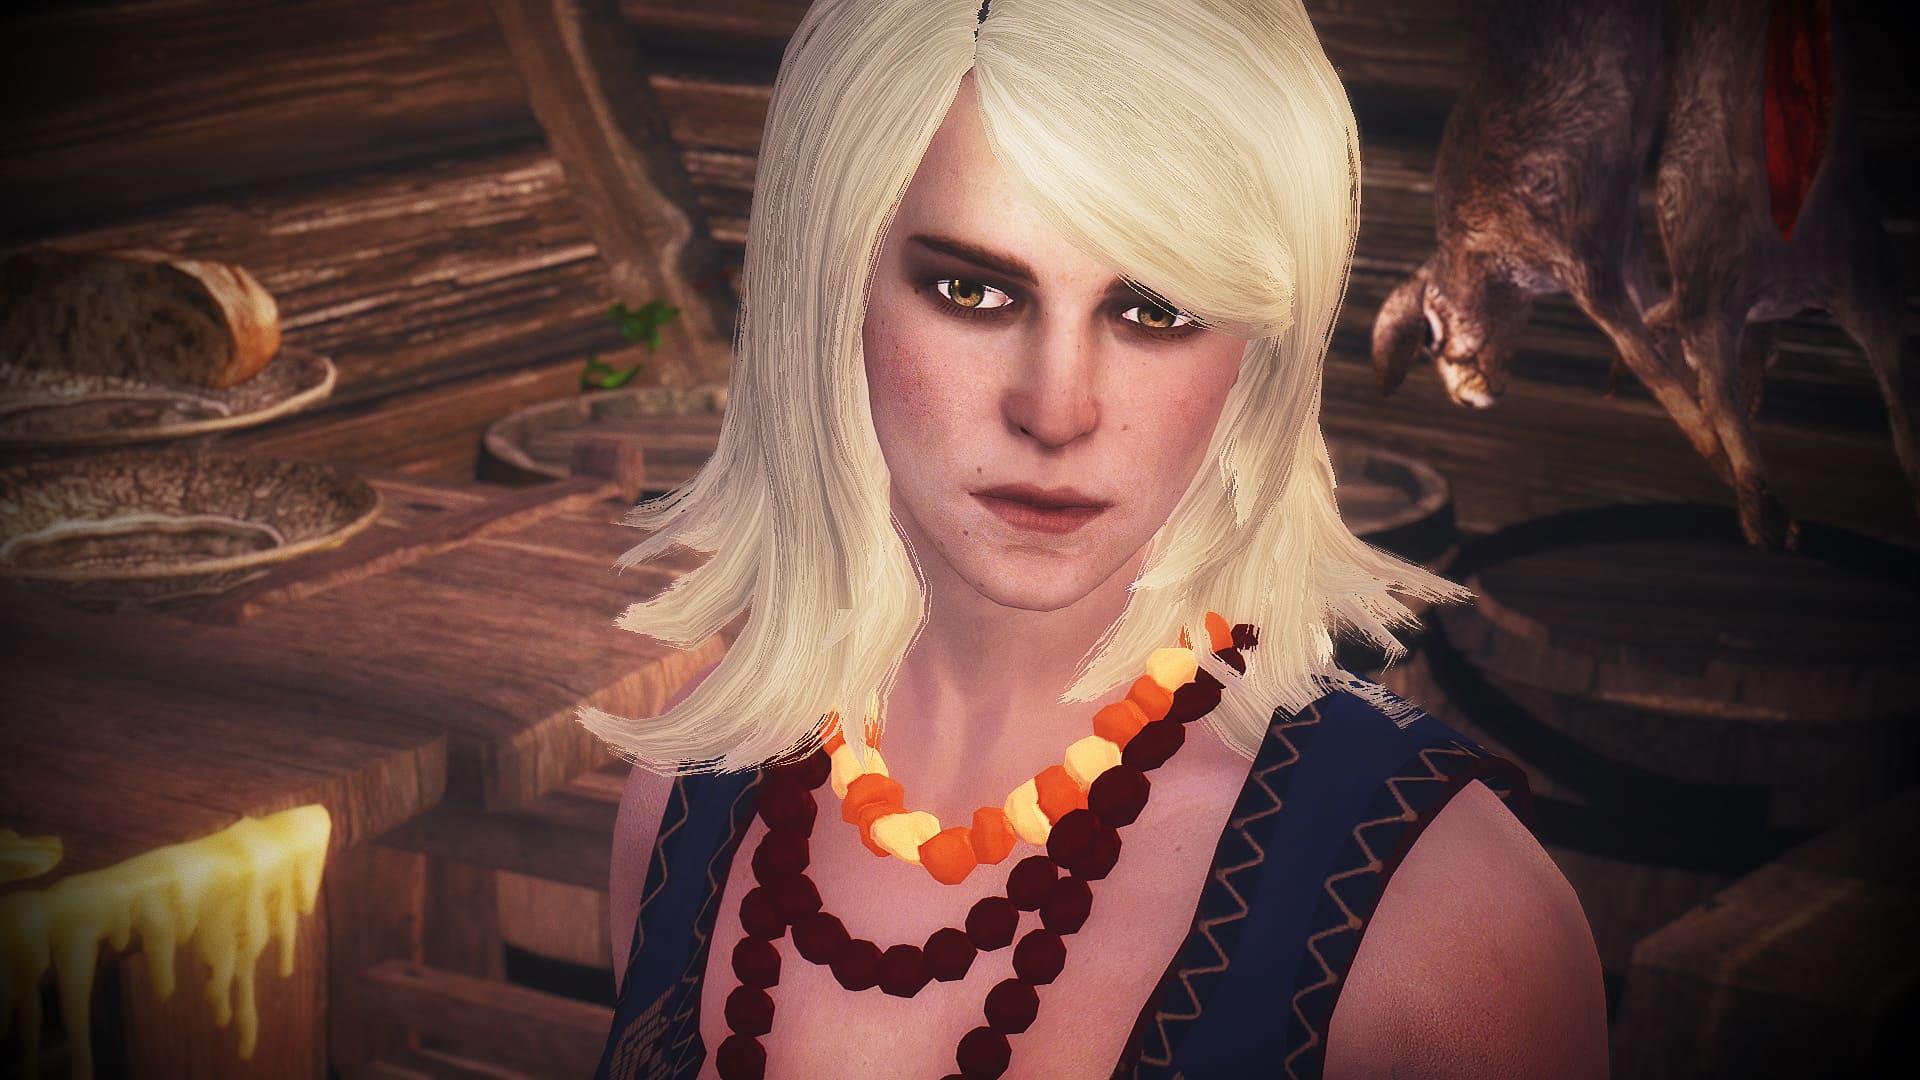 Keira Metz - Voiced Witcher 3 Follower | Ведьмак 3 - Кейра Мец из Каррераса